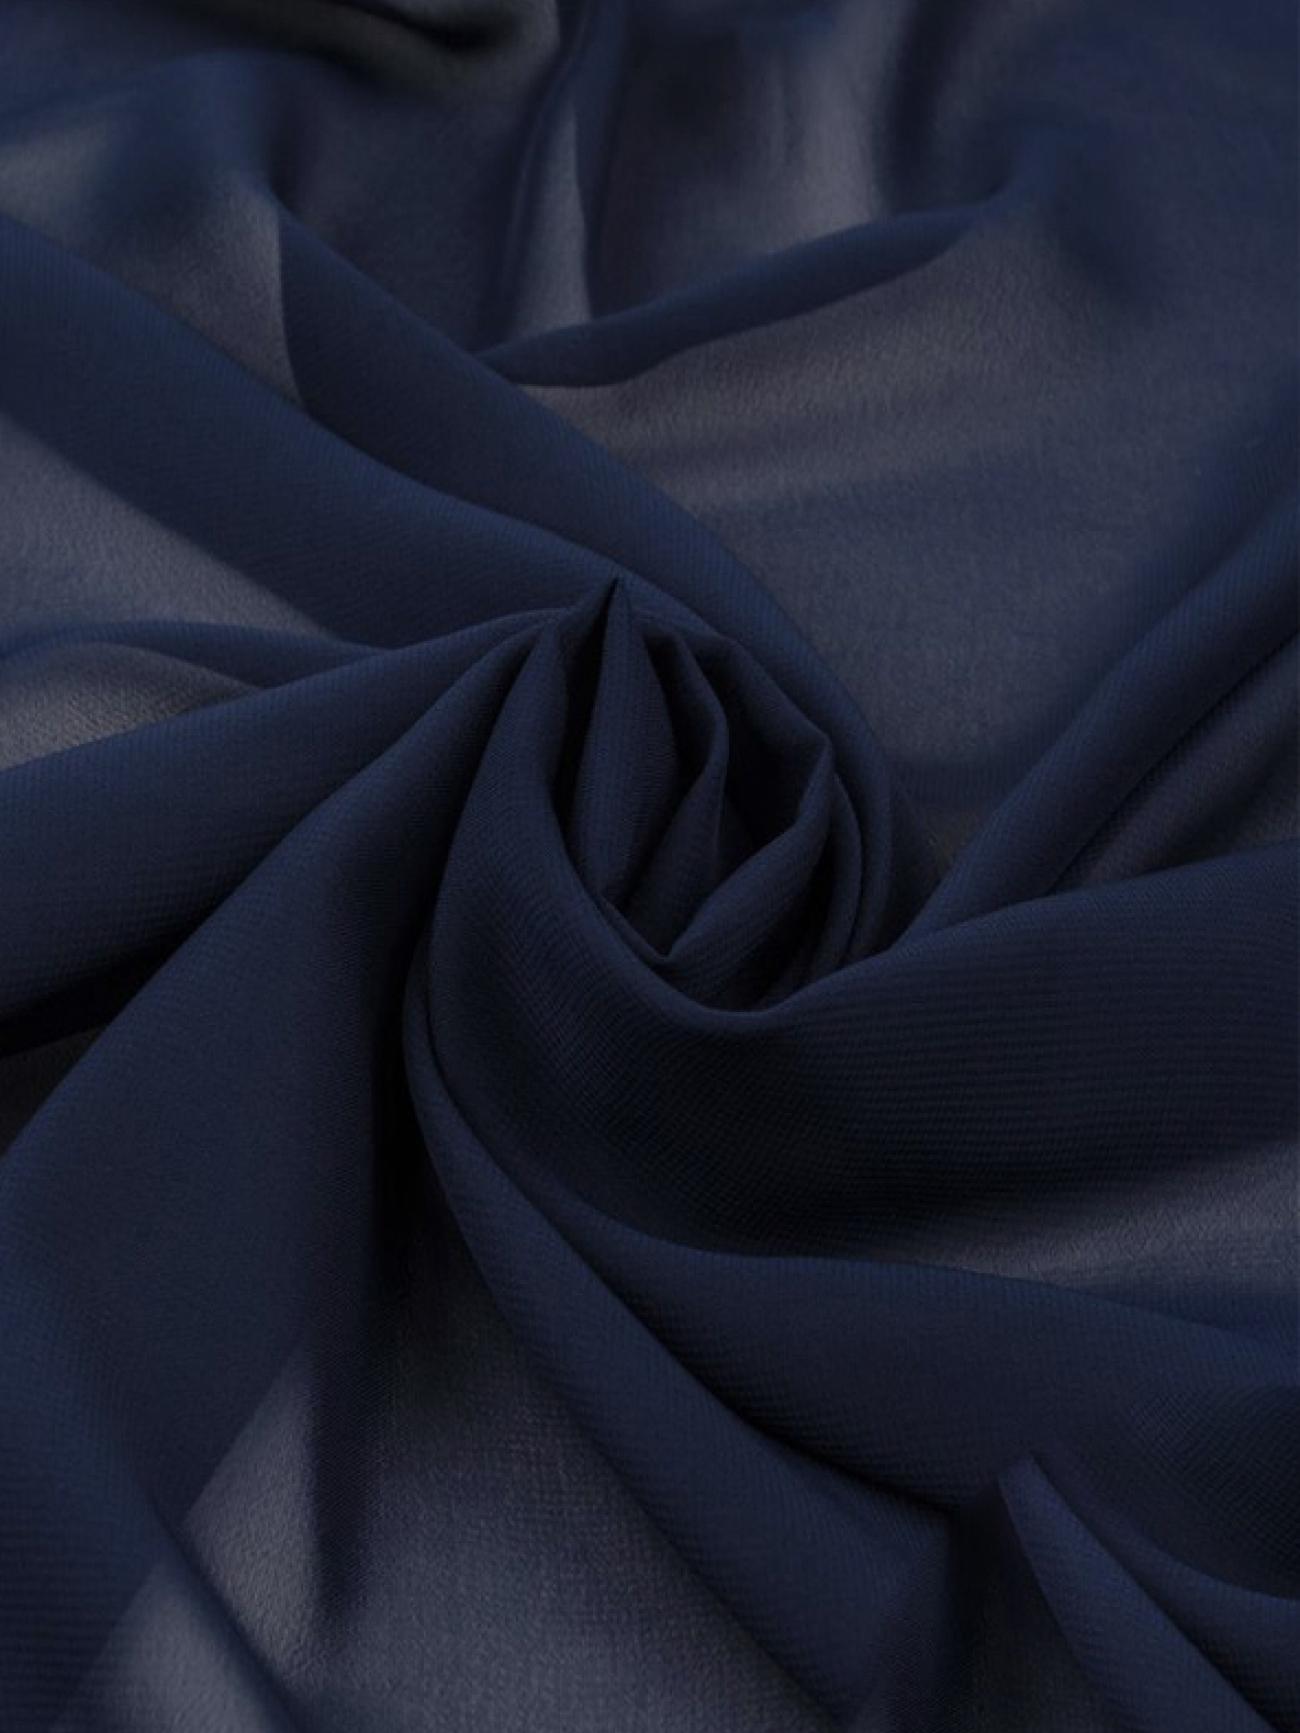 Скатерть шифоновая темно-синяя круглая